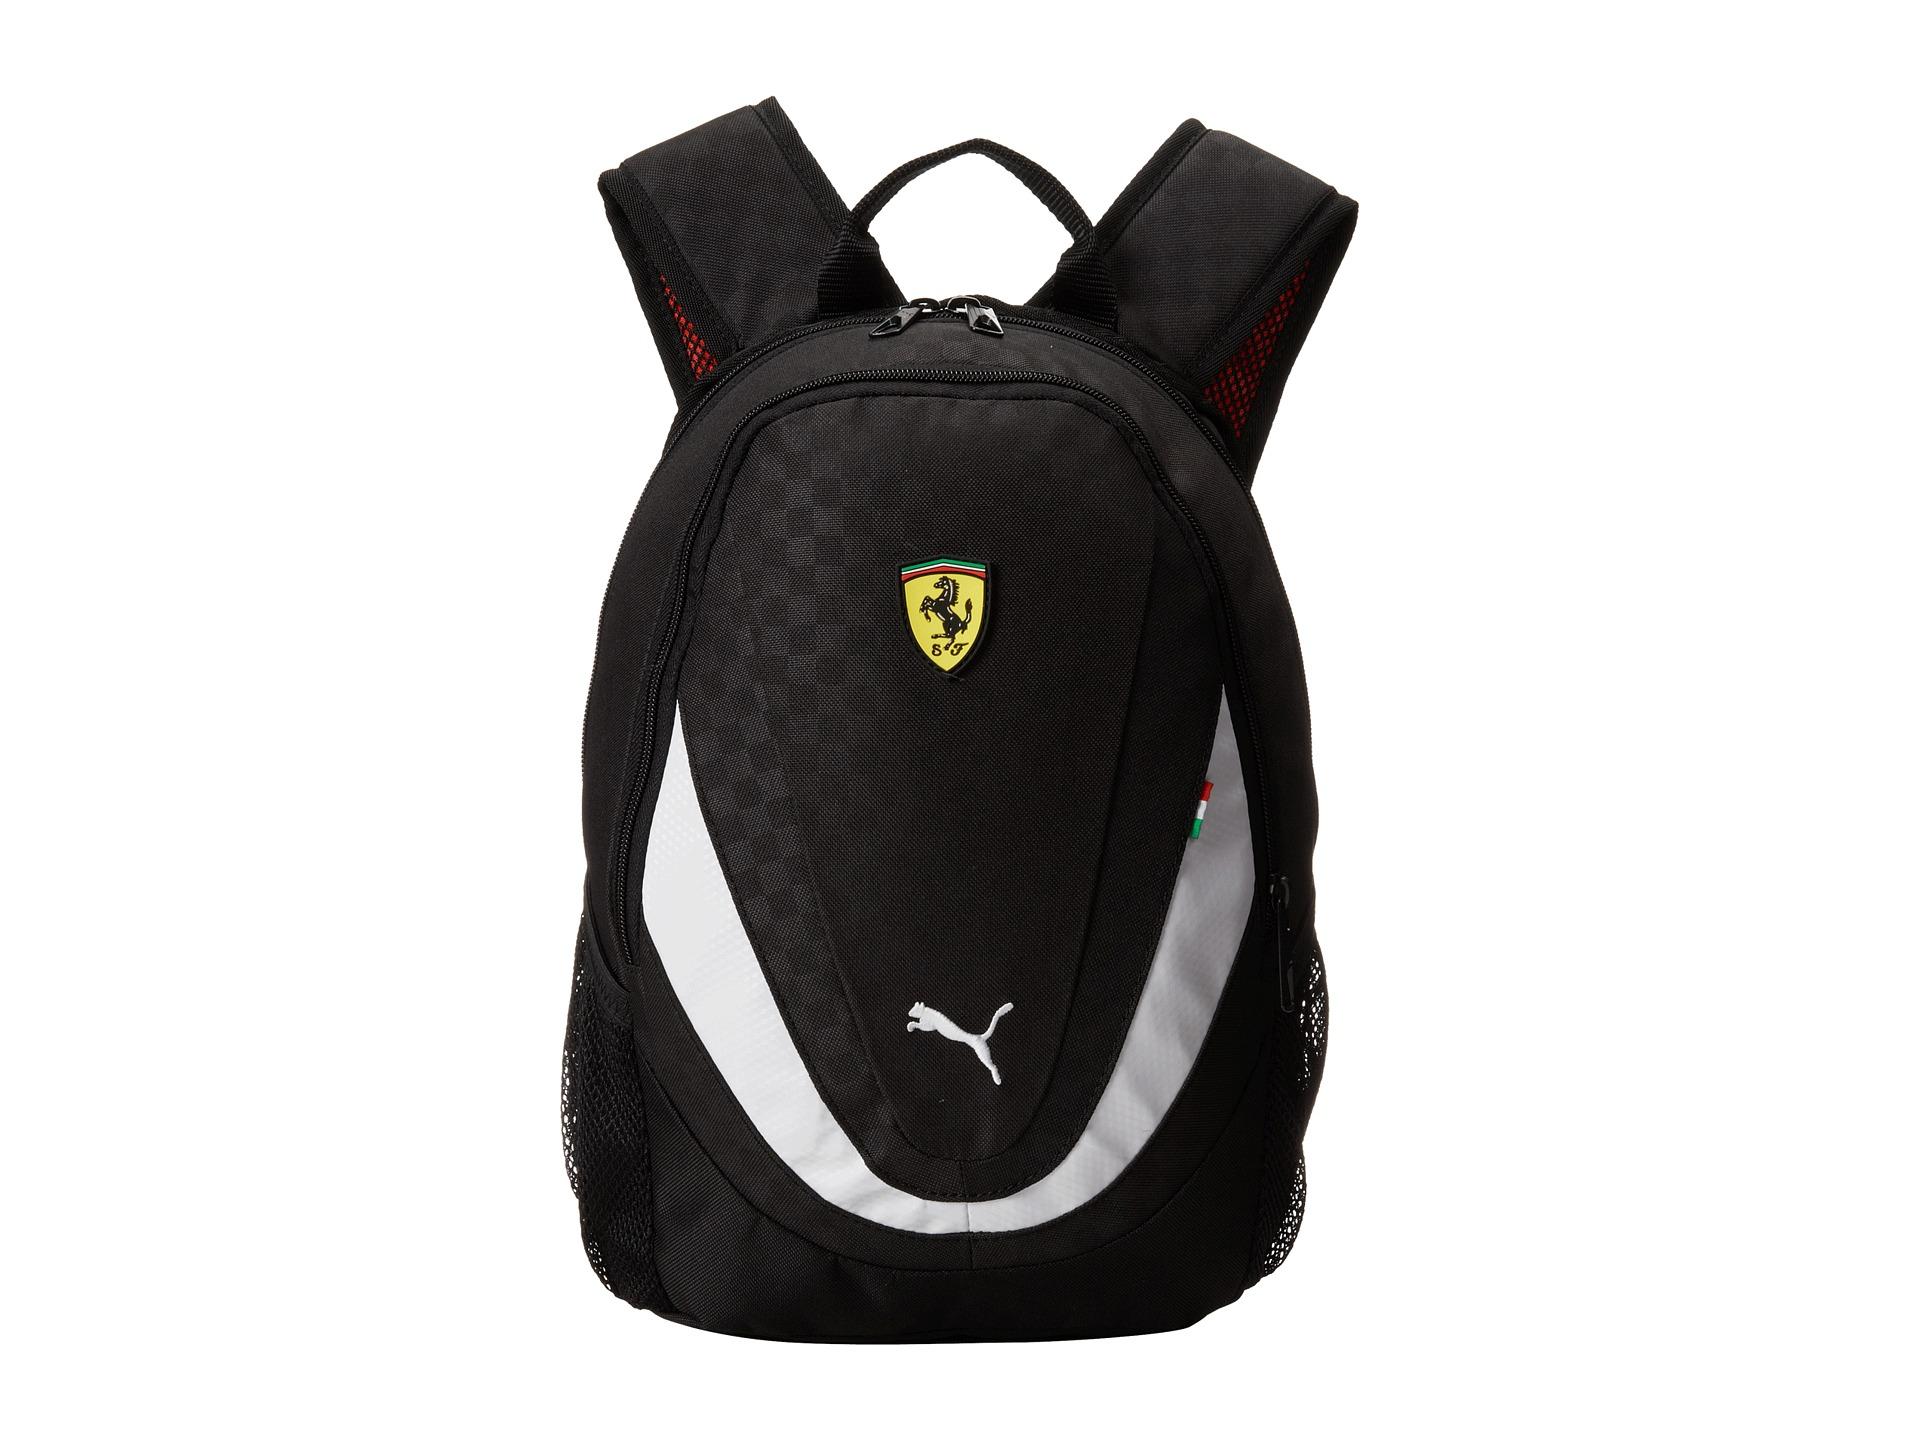 Puma ferrari replica small backpack